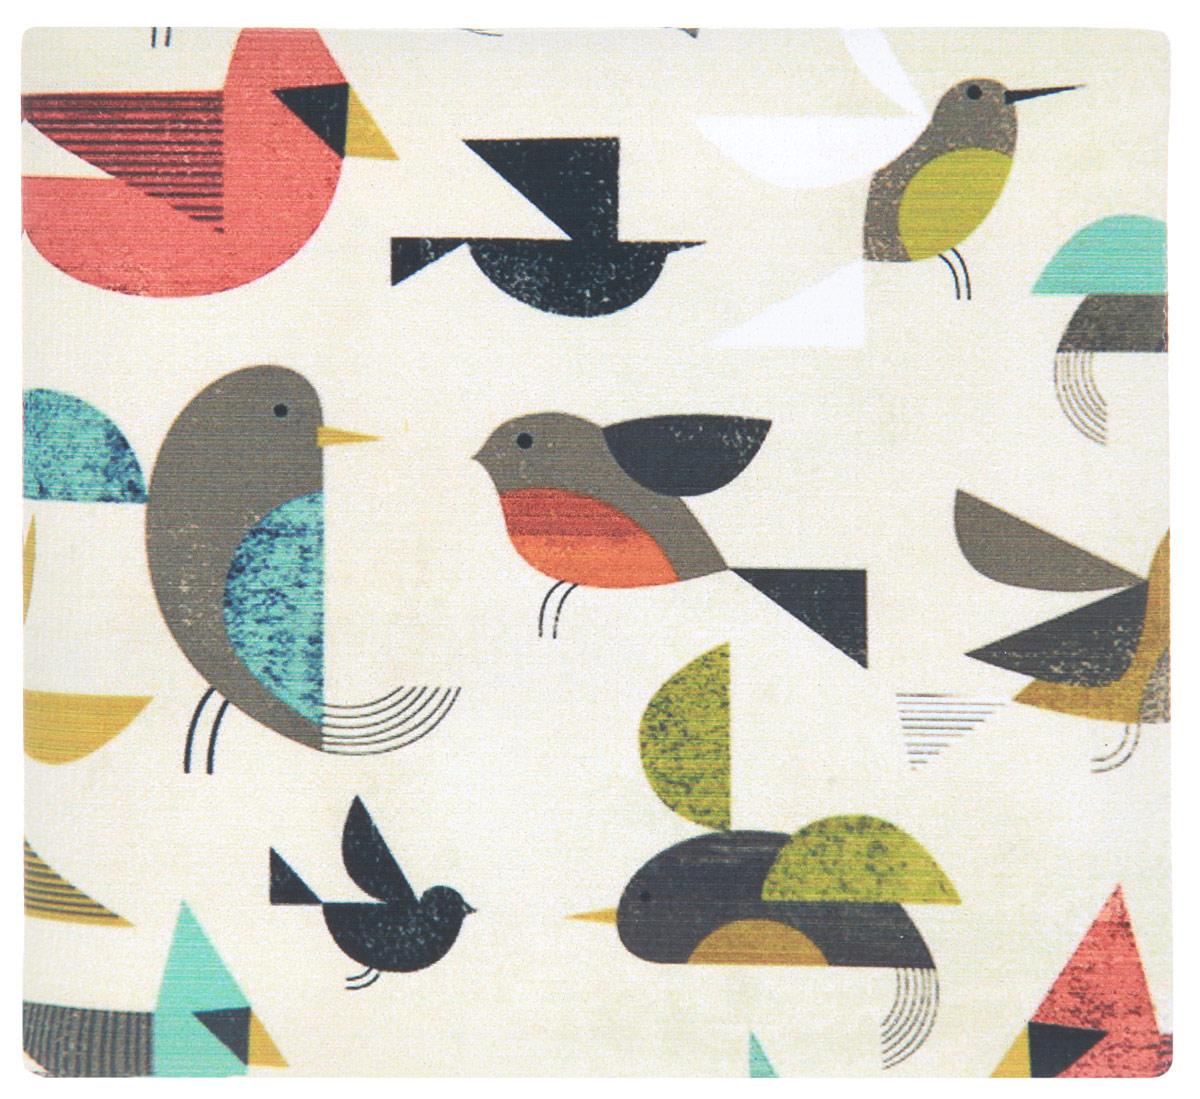 Кошелек Птички-невелички. KZAM029KZAM029Авторский, неповторимый кошелек от Mitya Veselkov Птички-невелички выполнен из синтетического материала и оформлен изображением птиц. Кошелек раскладывается пополам и содержит отделение для купюр и два врезных кармана для кредитных карт или визиток. Стильный кошелек Mitya Veselkov Птички-невелички станет отличным подарком для творческого человека.